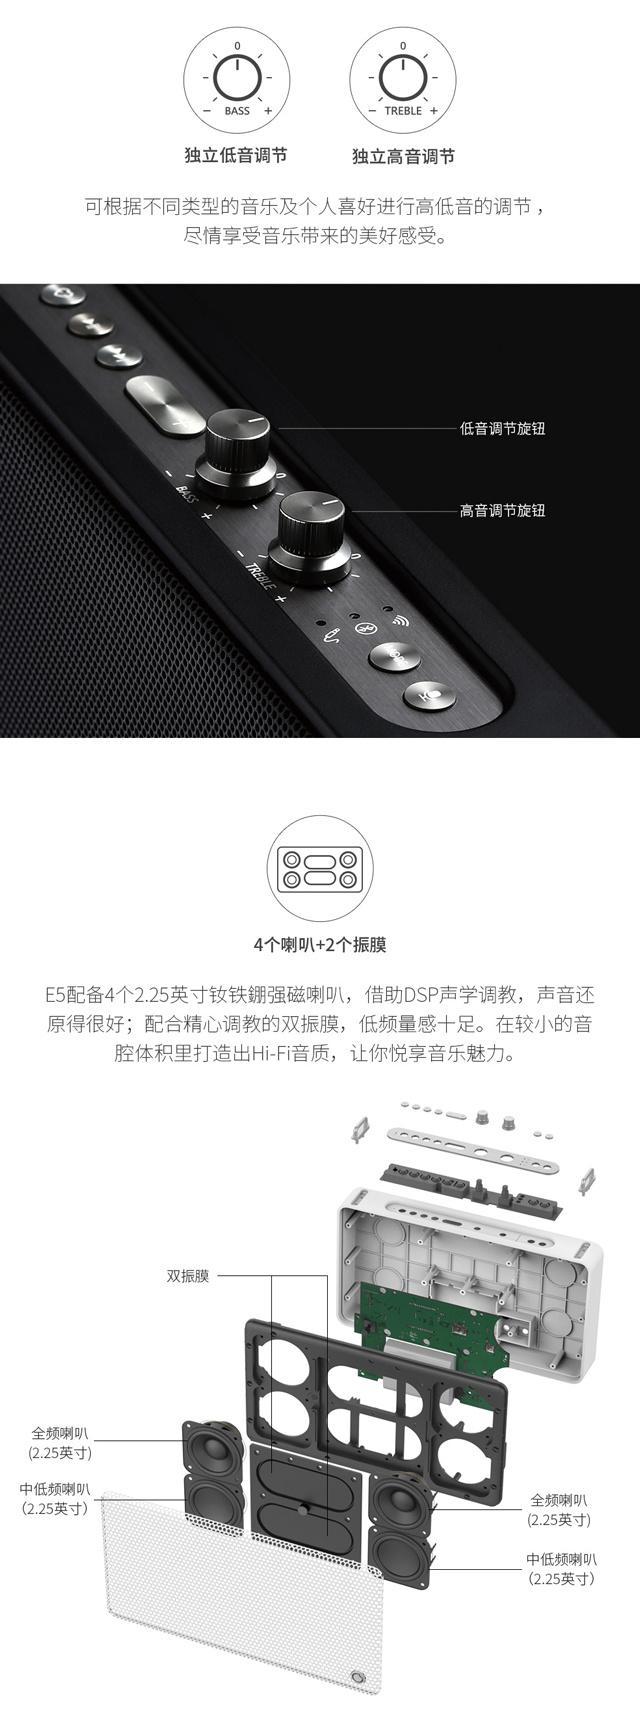 古古美美(GGMM)E5智能版无线音箱